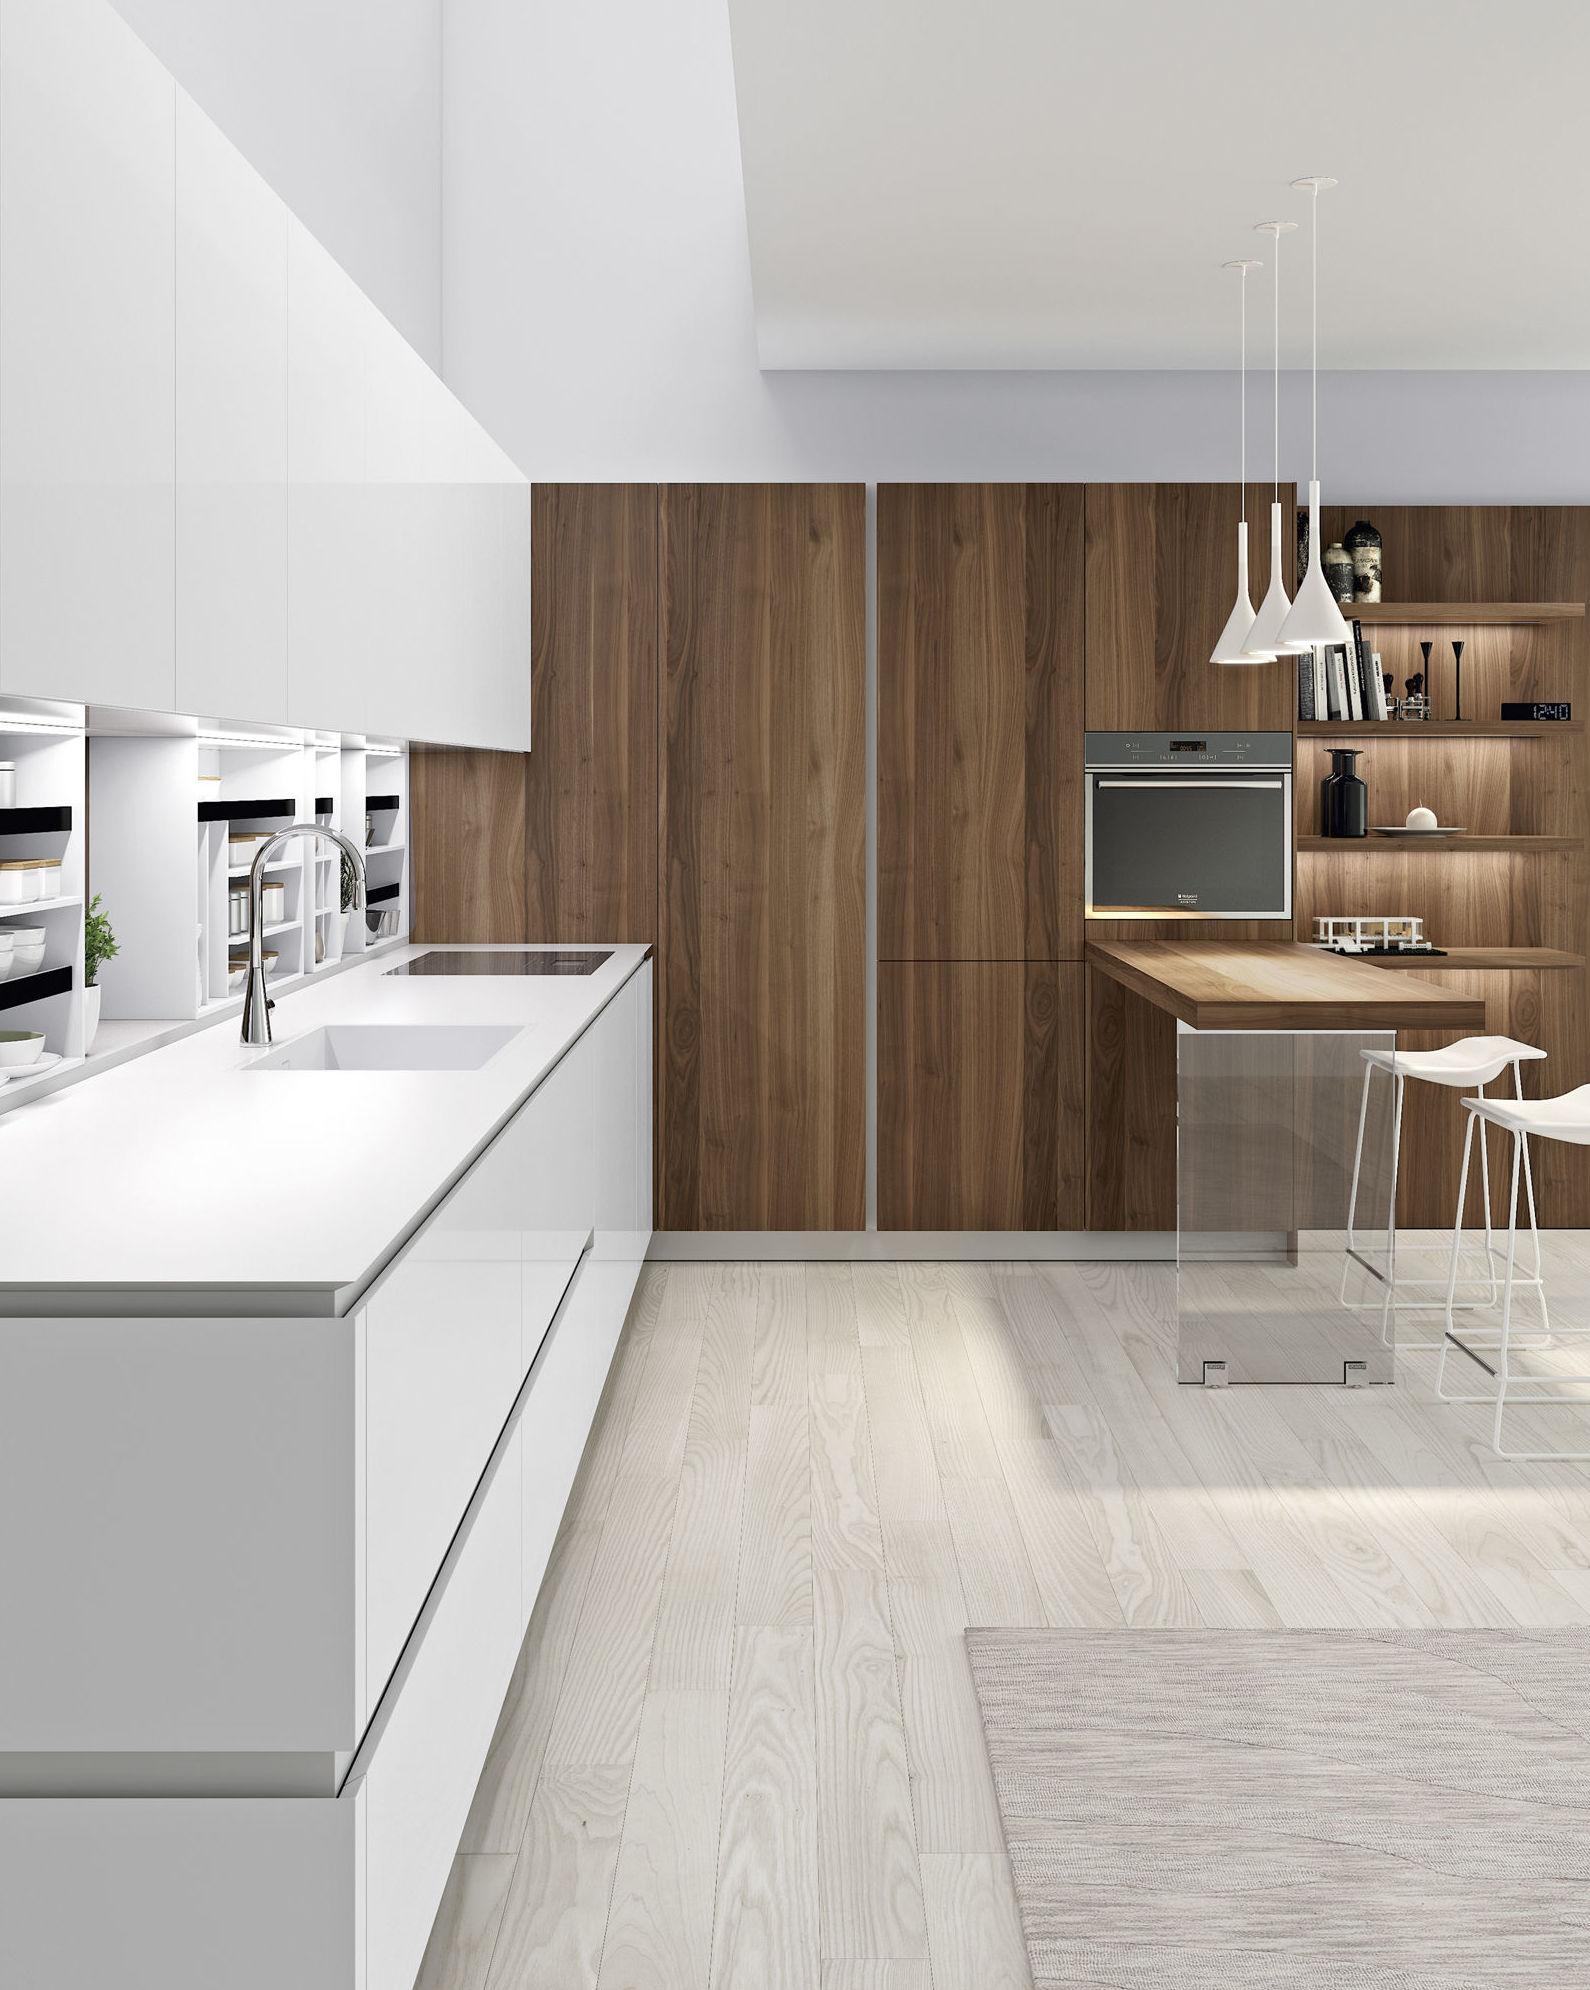 Premier, estudio de cocinas. Muebles de cocina y baño en Sevilla